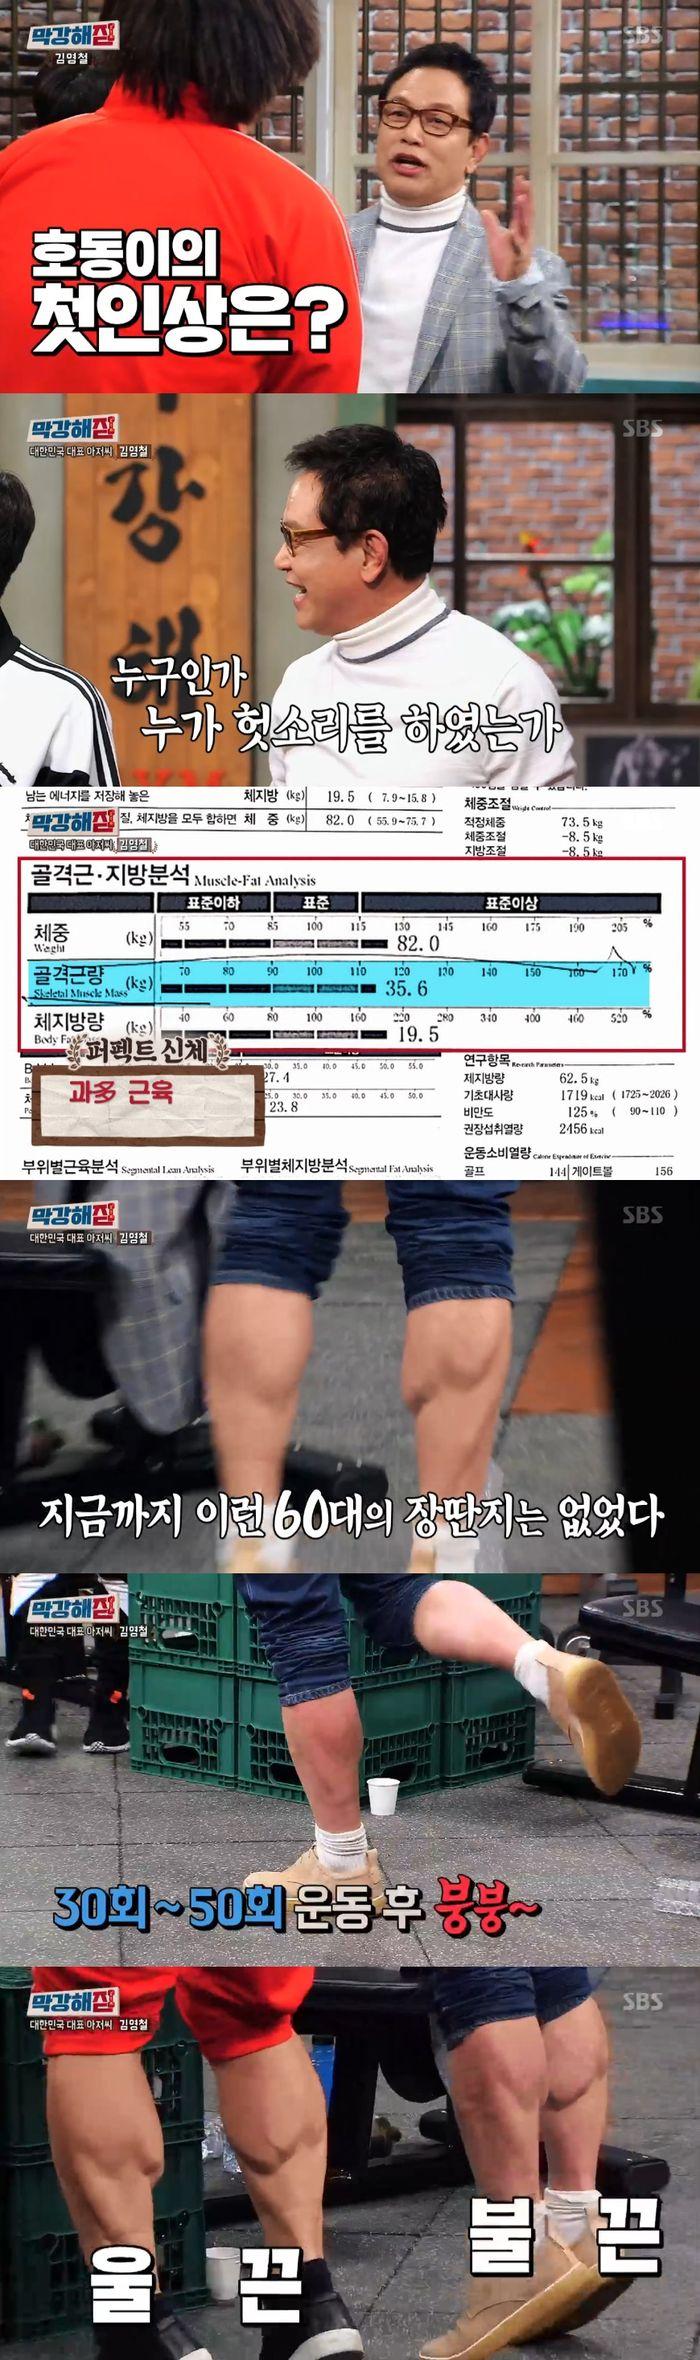 """'가로채널' 김영철, 남다른 하체 근육 공개 """"남자는 하체가 중요"""""""